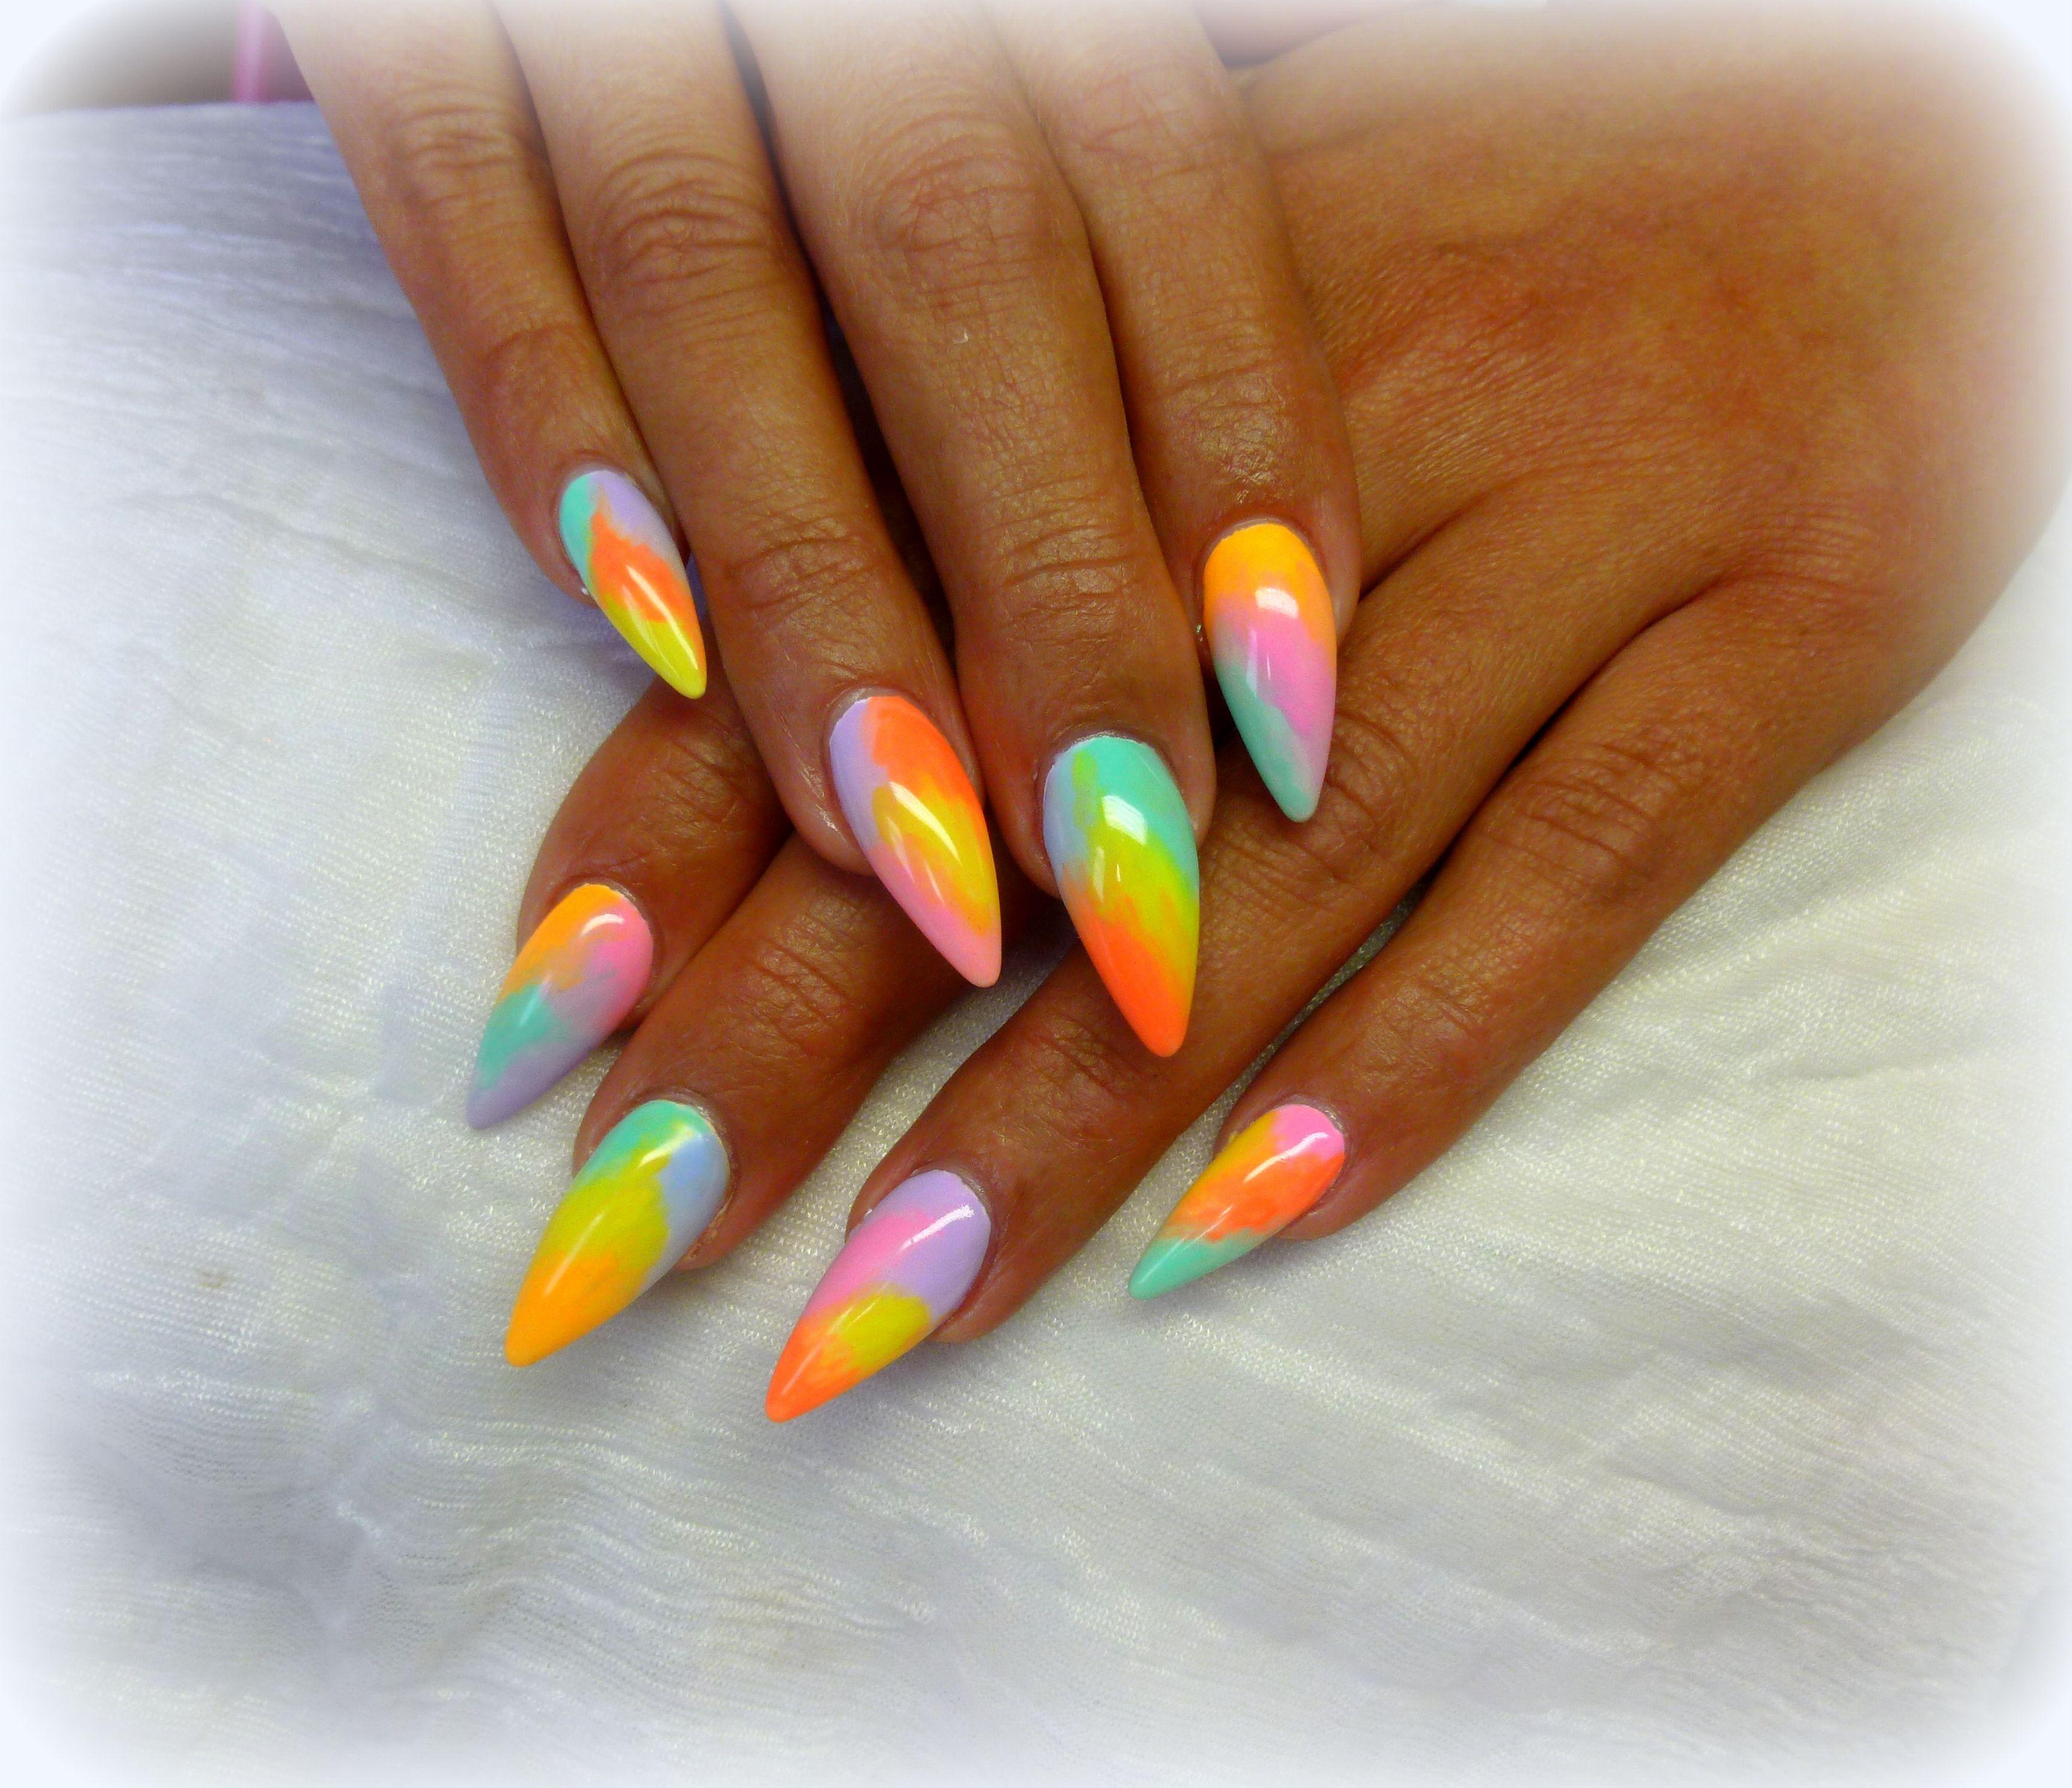 Stiletto Nails Neonove Nehty Barevne Nehty Gelove Nehty